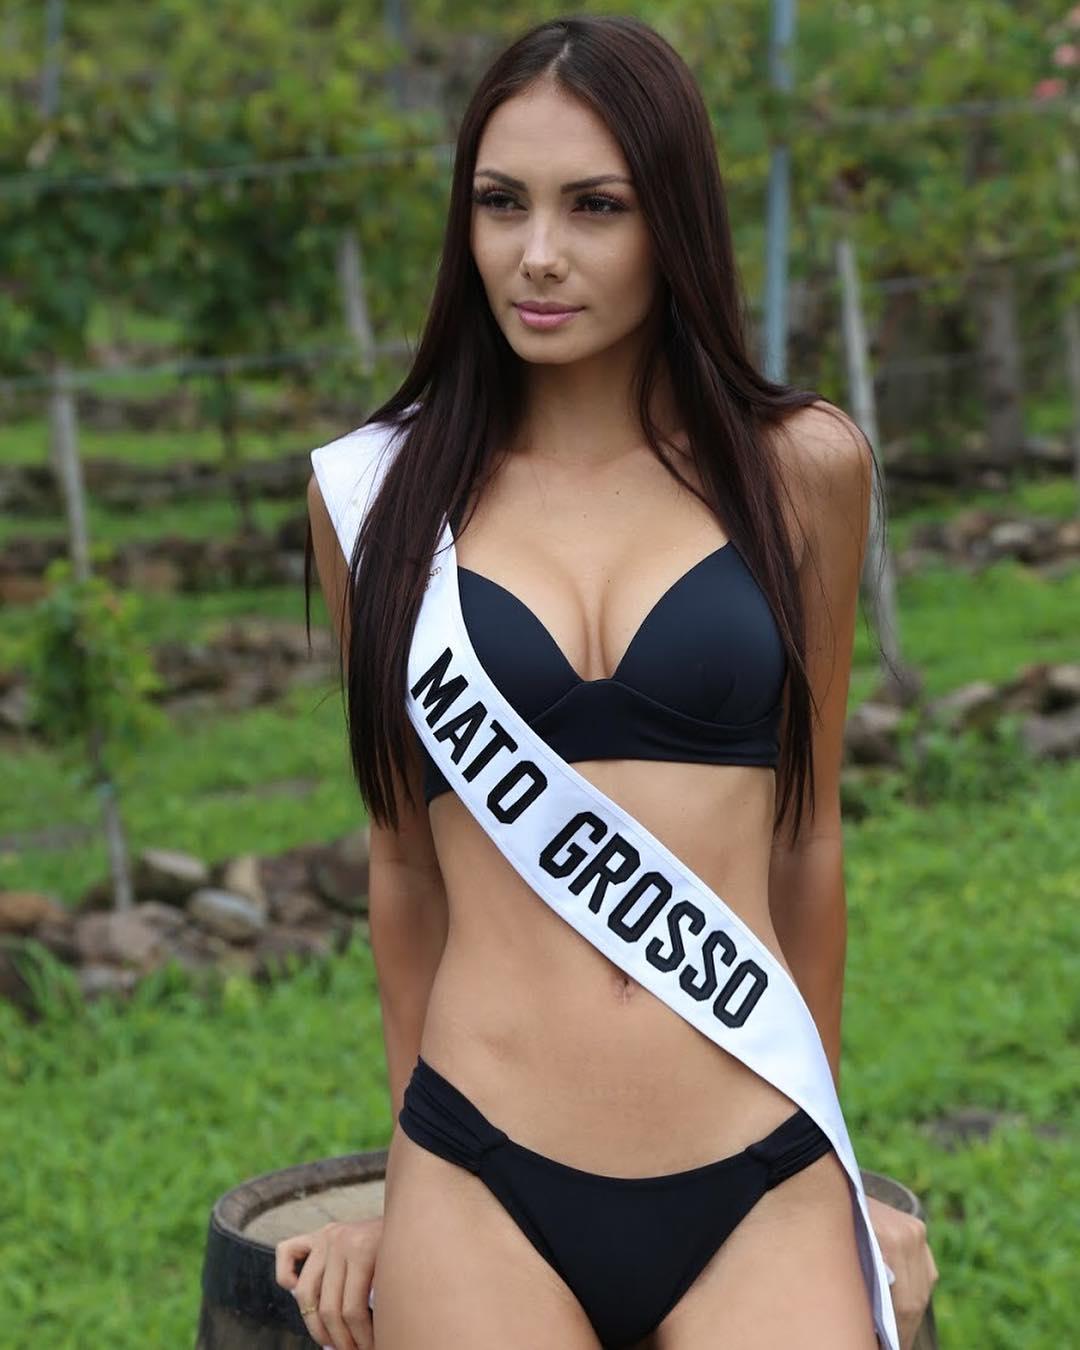 sao paulo vence miss grand brasil 2019. - Página 3 2bms2whi